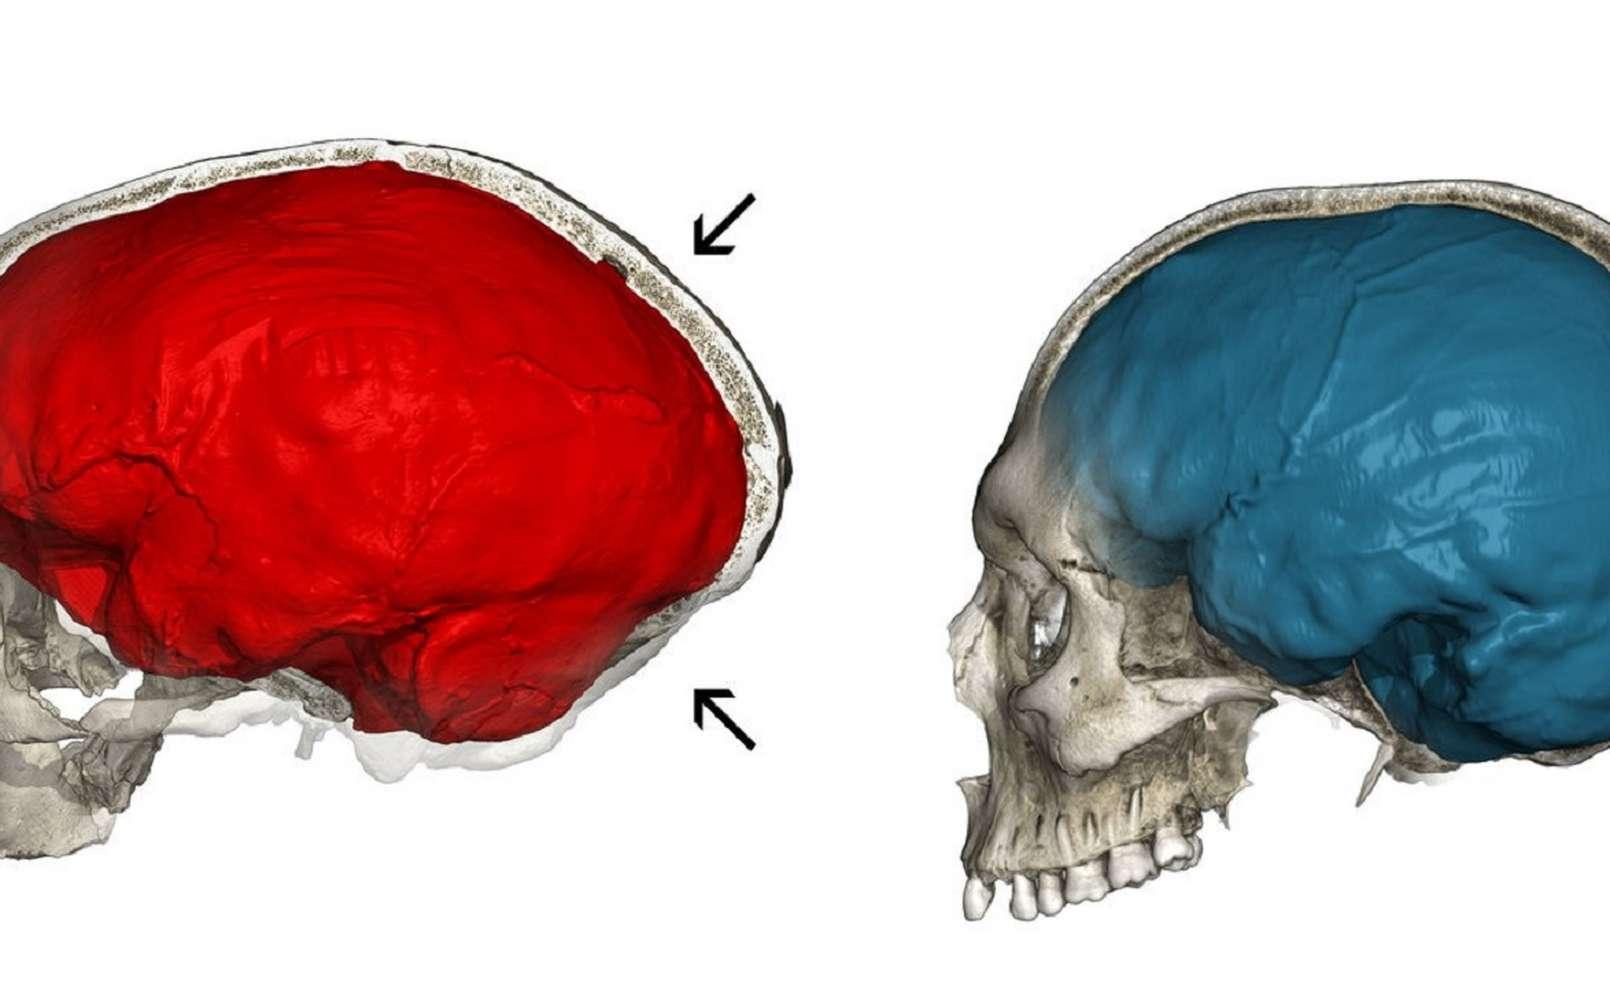 Crâne fossile de Néandertal de La Chapelle-aux-Saints (à gauche) avec une empreinte de l'endocrâne allongée (en rouge), et un crâne moderne (à droite) avec un endocrâne globulaire (en bleu). © Philipp Gunz, CC by-nc-nd 4.0